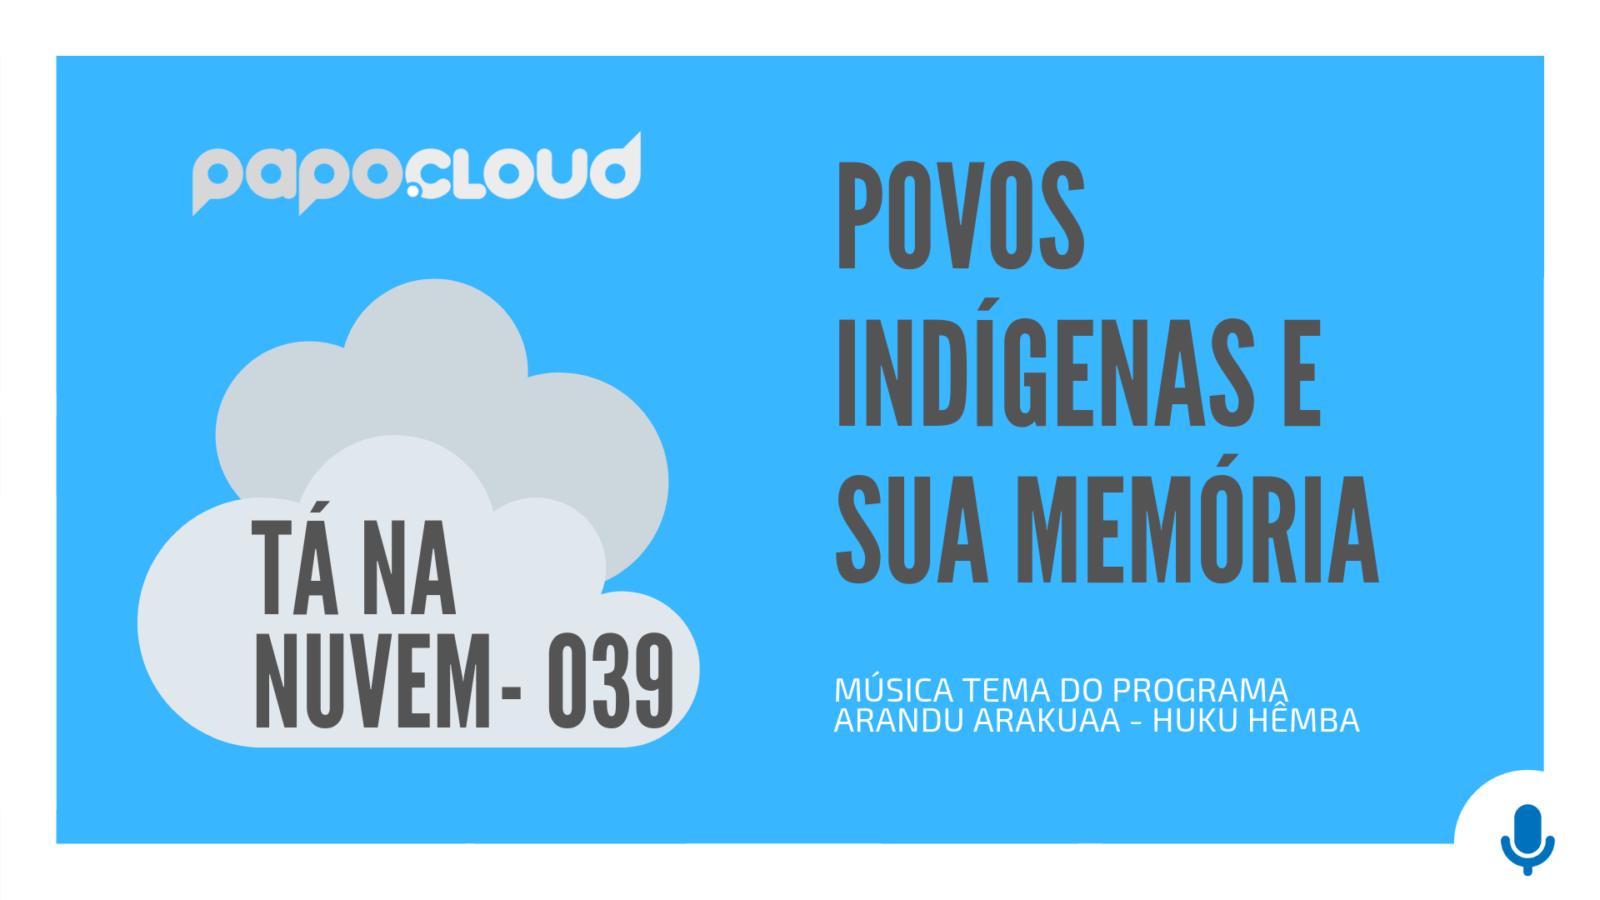 Tá Na Nuvem 039 - Povos INDÍGENAS e sua memória